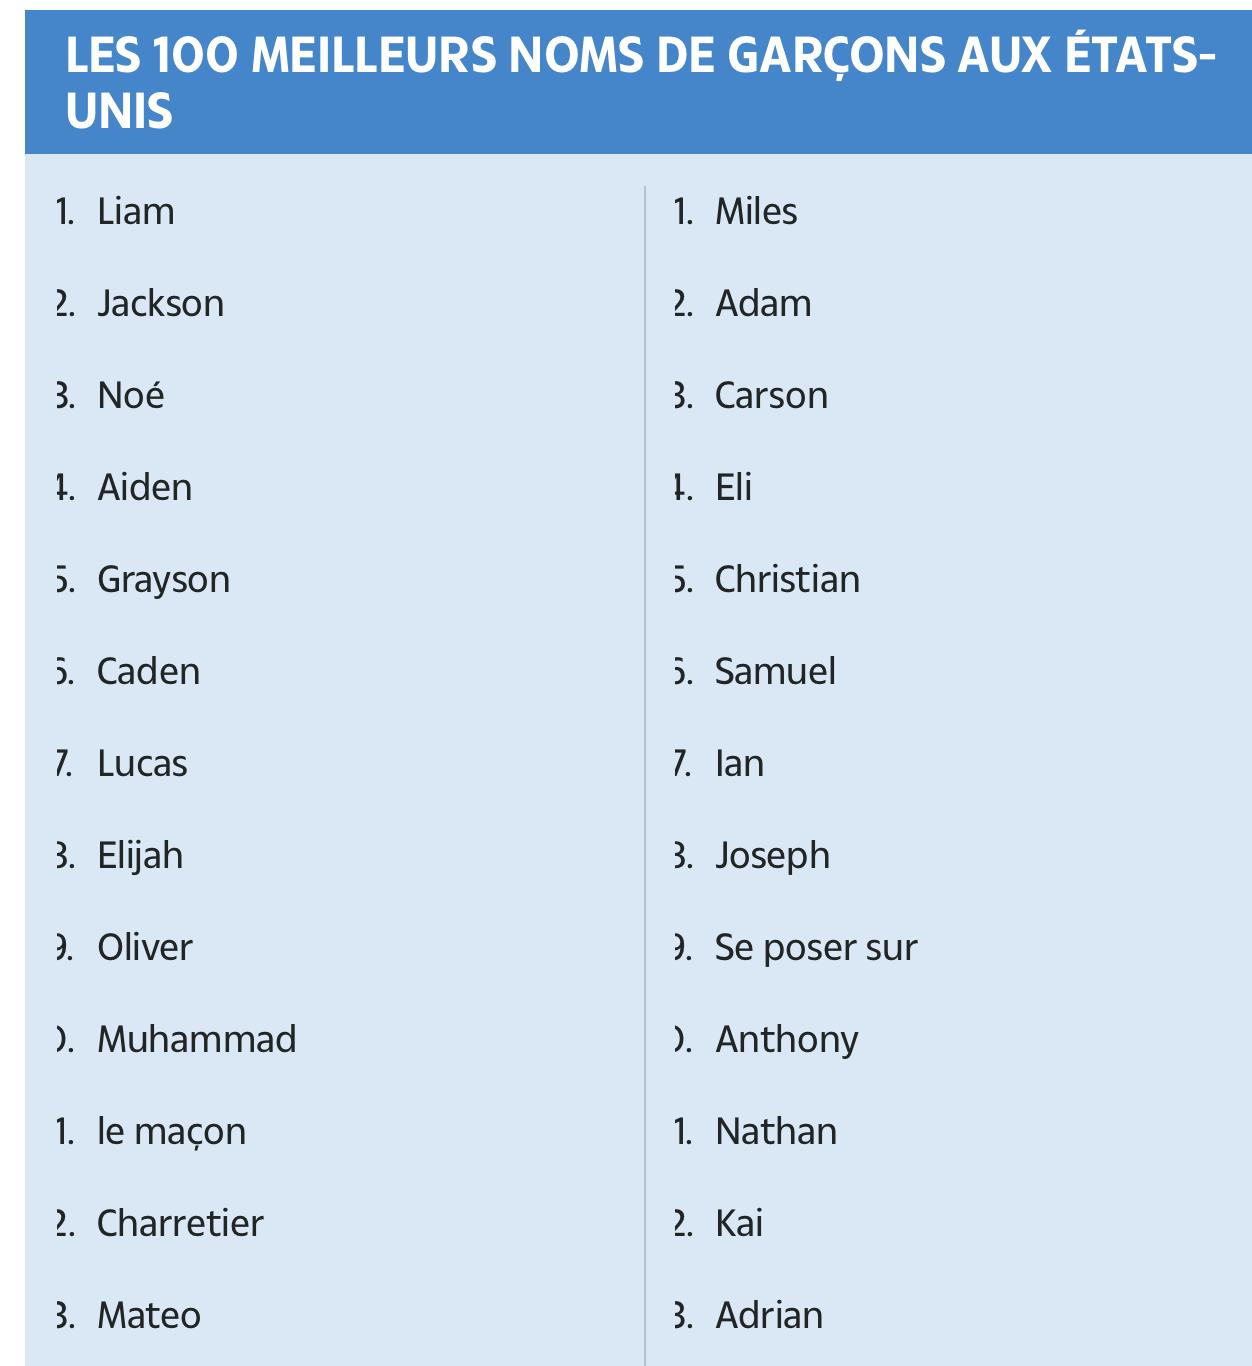 Même aux Etats-Unis, la peste verte prolifère : Mohamed entre dans le top 10 des prénoms les plus donnés